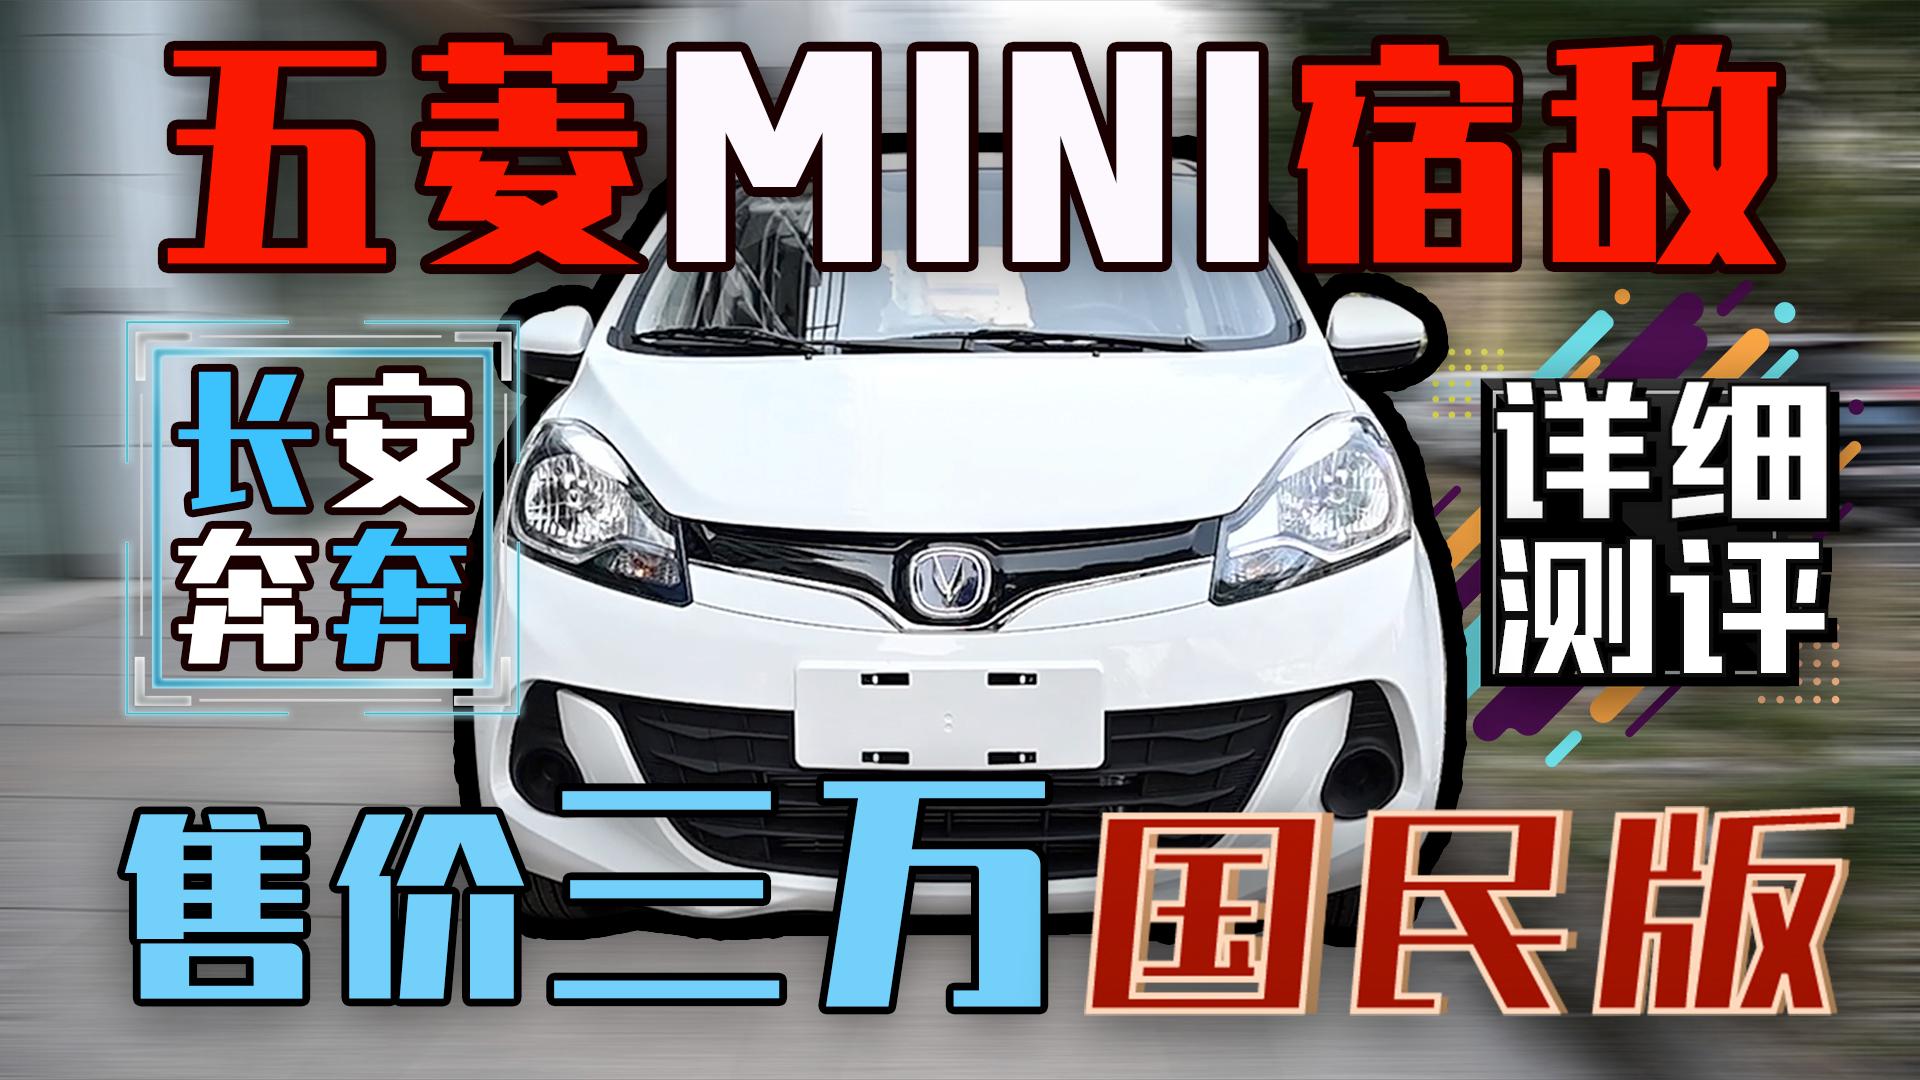 五菱宏光miniev宿敌售价3.98万 长安奔奔E-star国民版实拍测评!